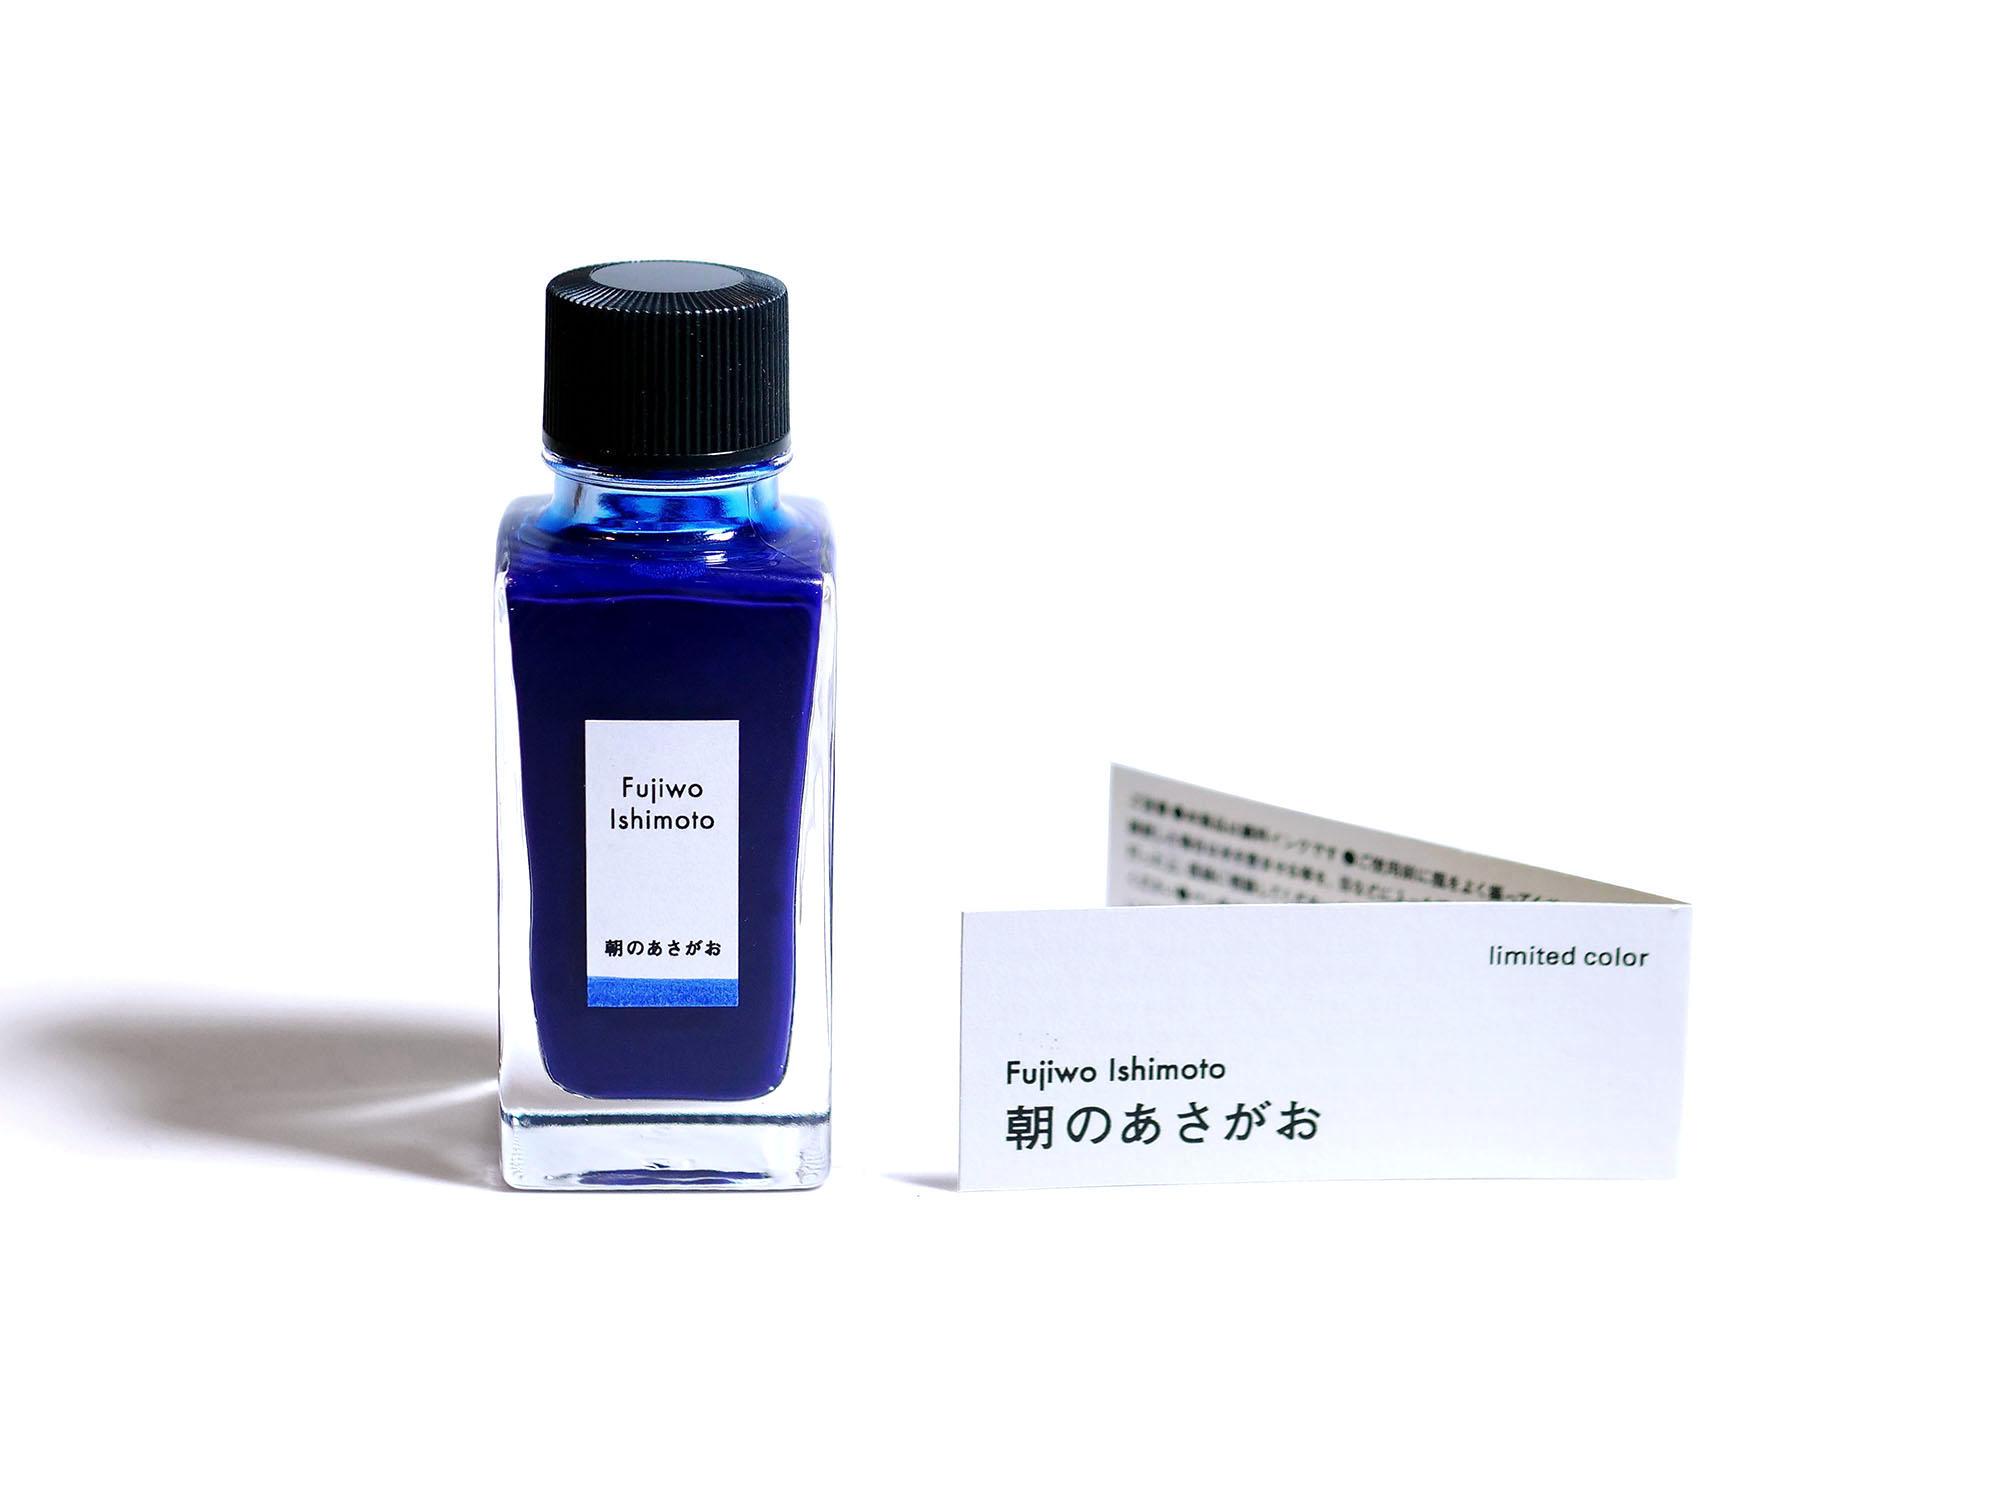 『限定インク Fujiwo Ishimoto 朝のあさがお』 2,700円(税込)